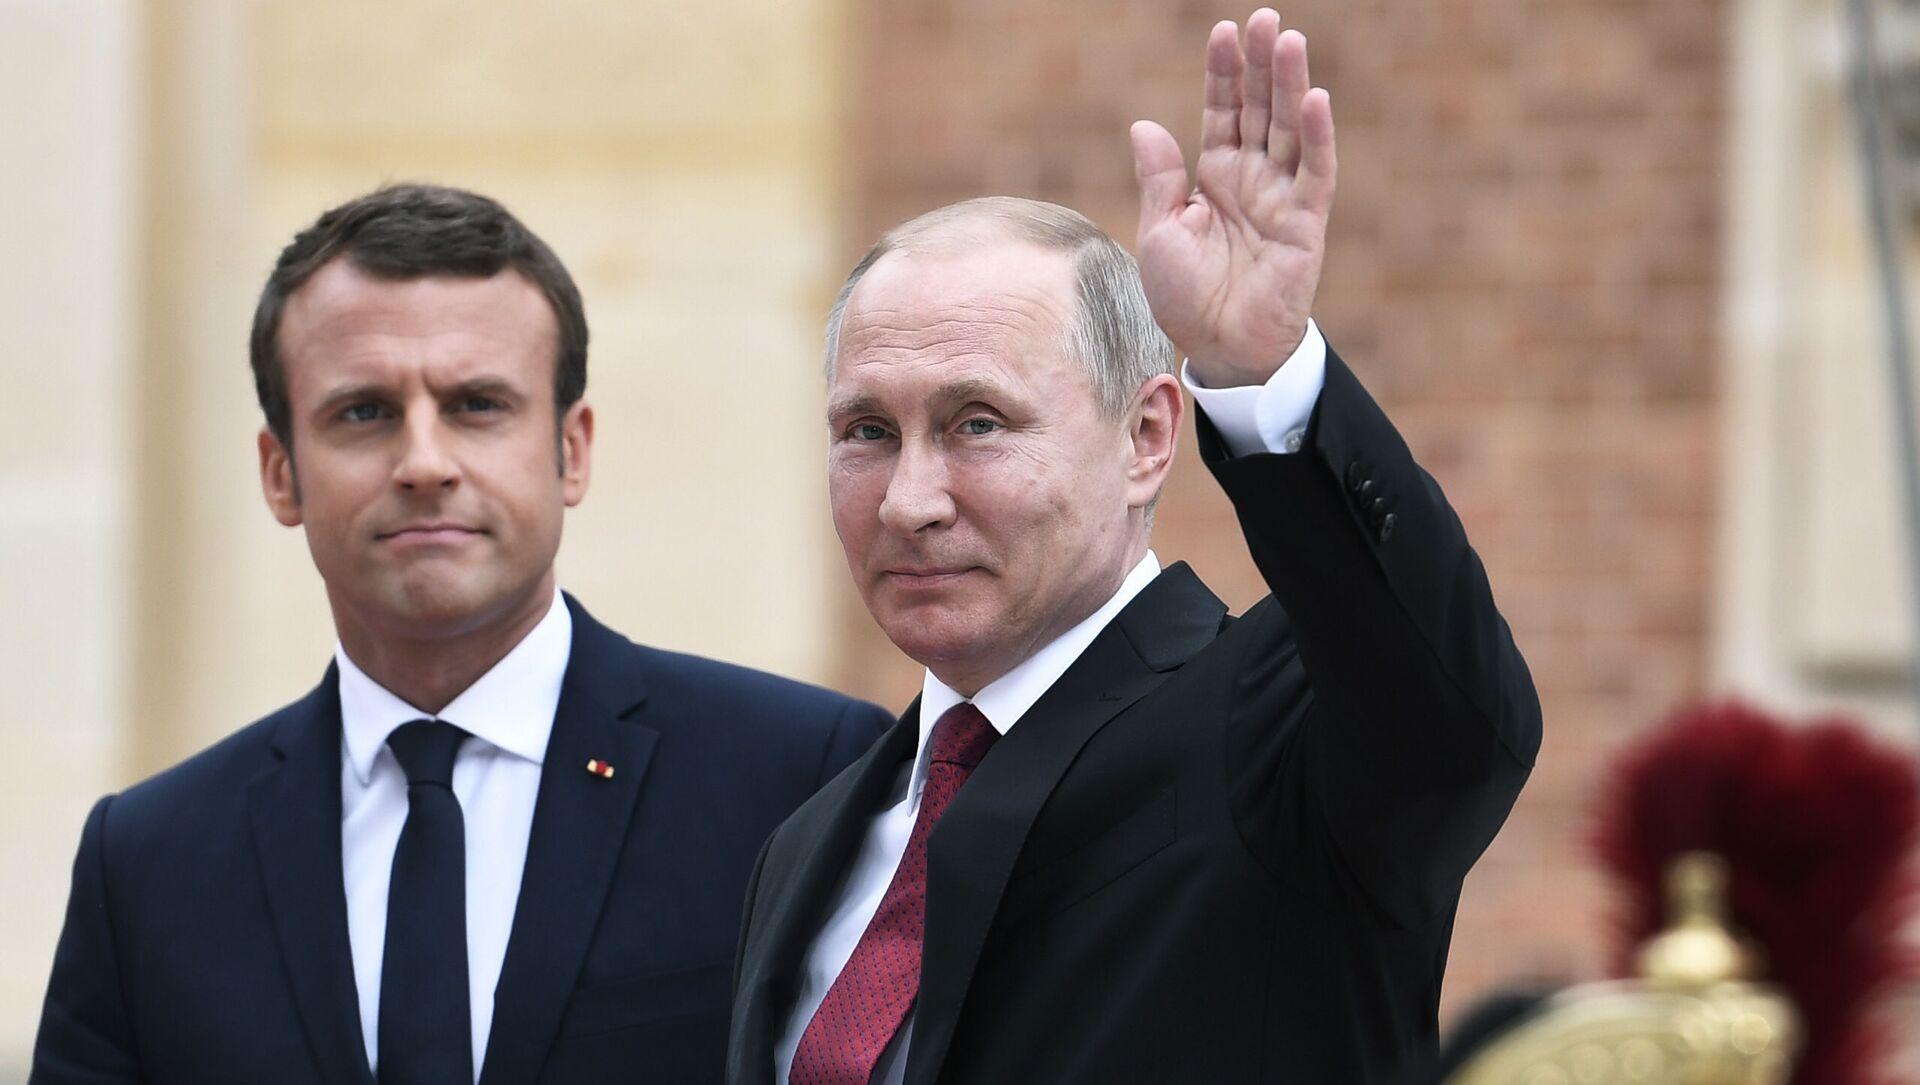 マクロン大統領とプーチン大統領 - Sputnik 日本, 1920, 03.07.2021